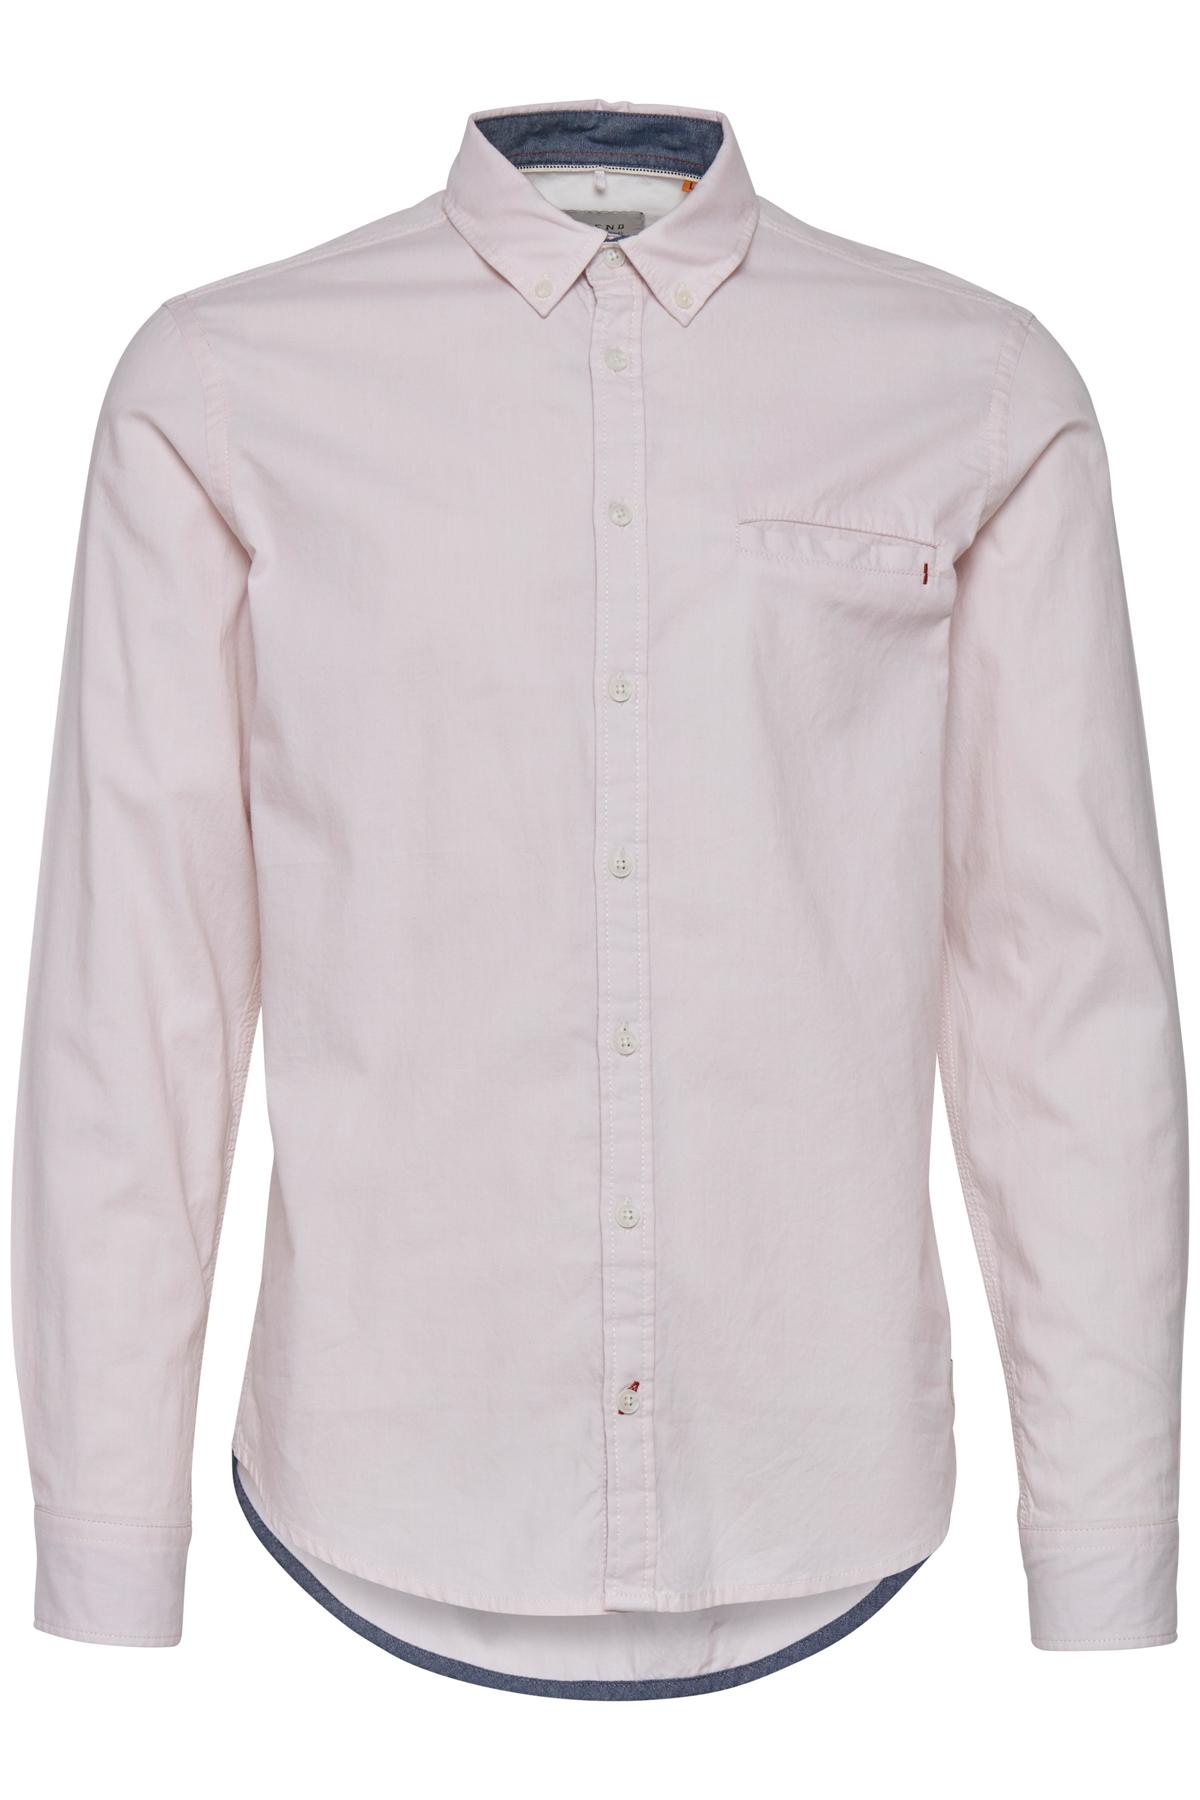 Cameo Rose Langærmet skjorte – Køb Cameo Rose Langærmet skjorte fra str. S-XXL her